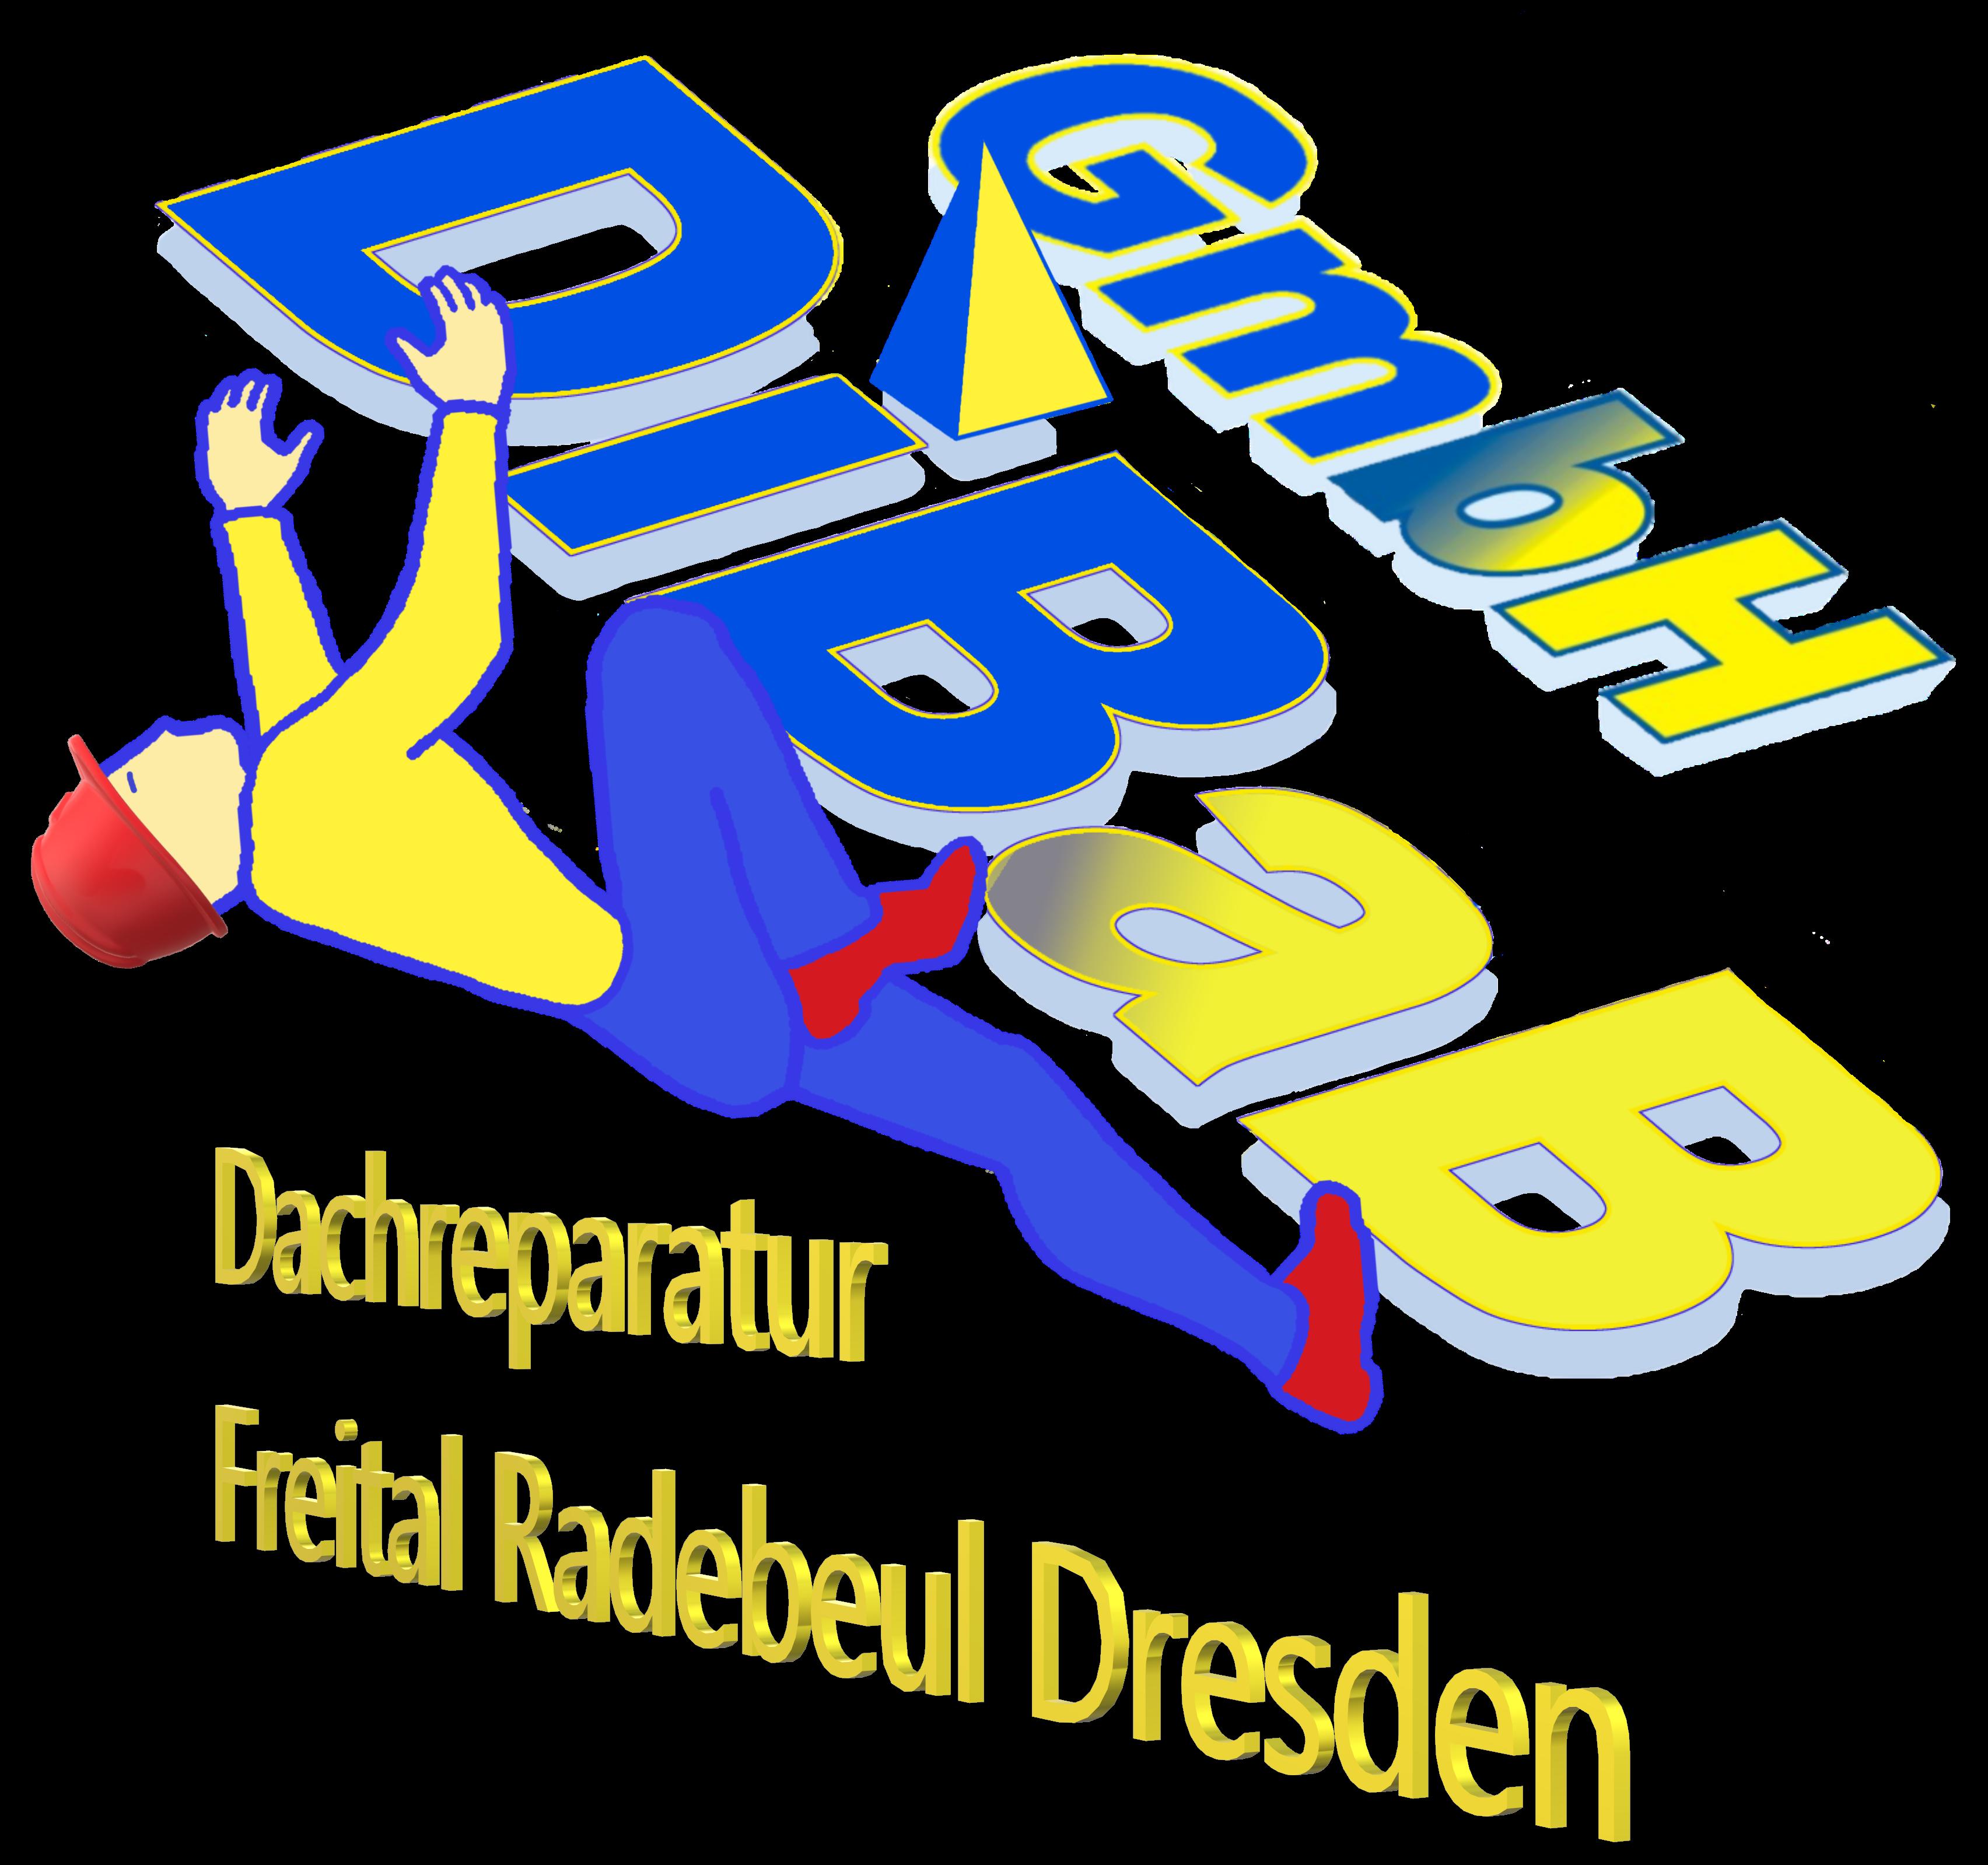 drd_DiBaB-Logo-Bild-li-3D-goldeneSchrift